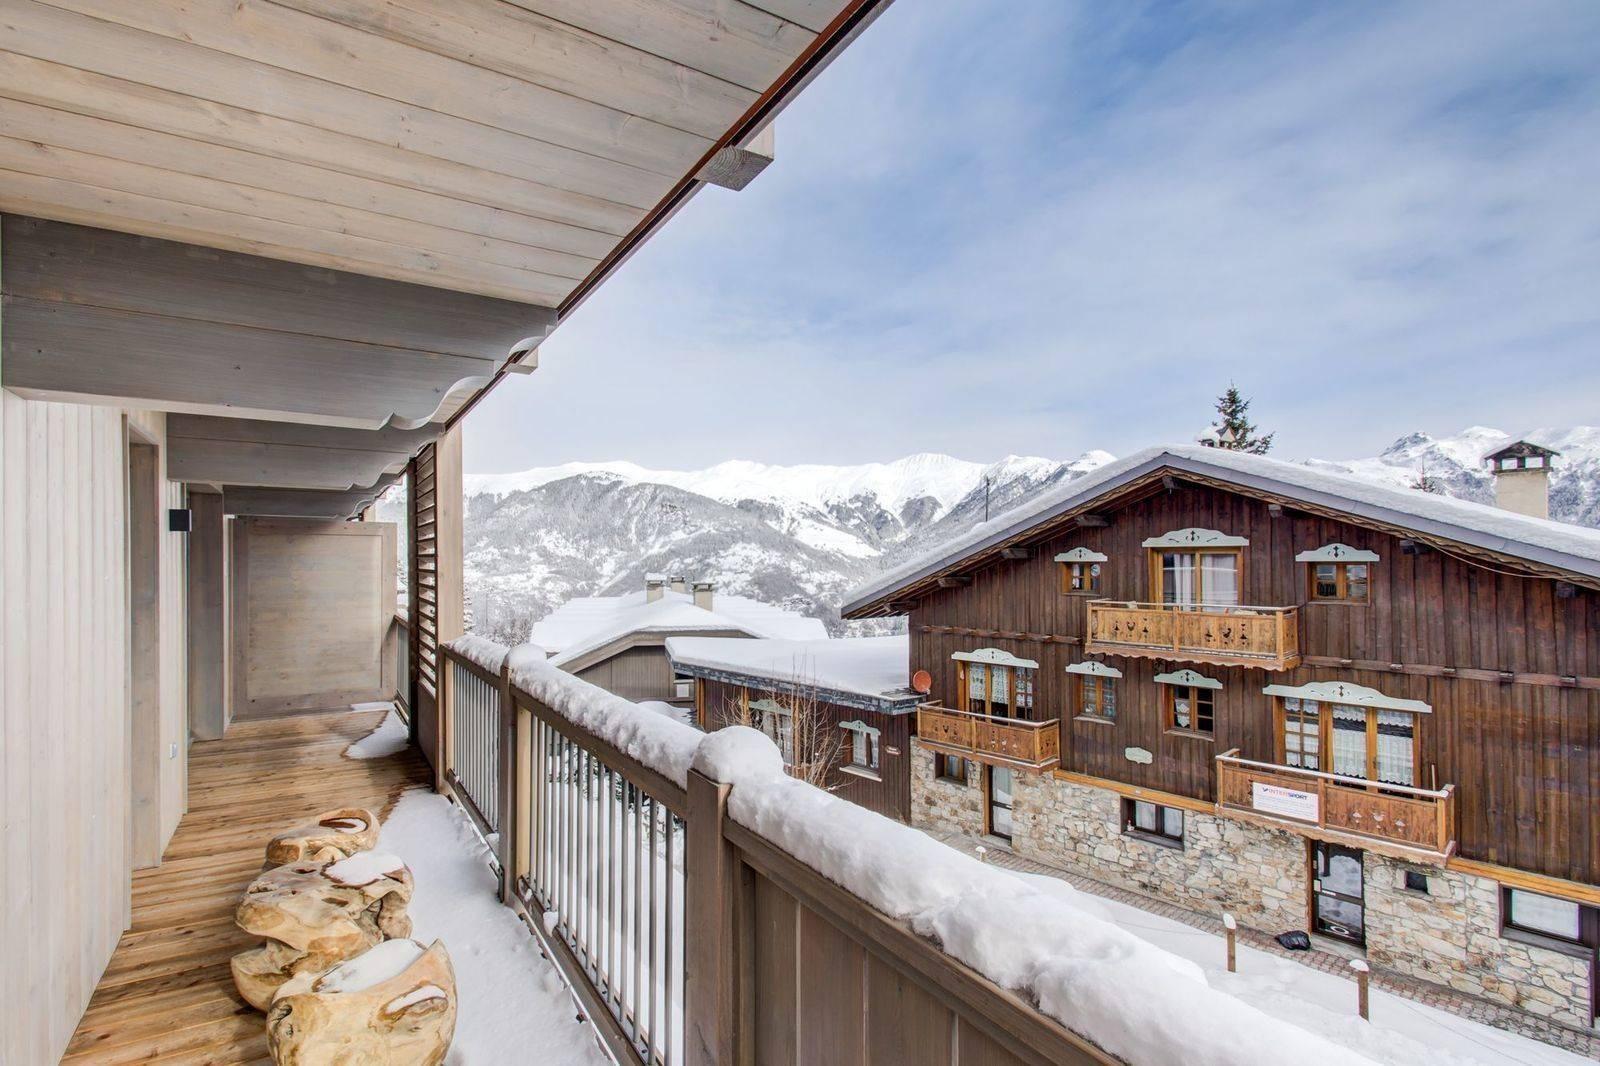 Courchevel 1550 Location Appartement Luxe Telimite Balcon